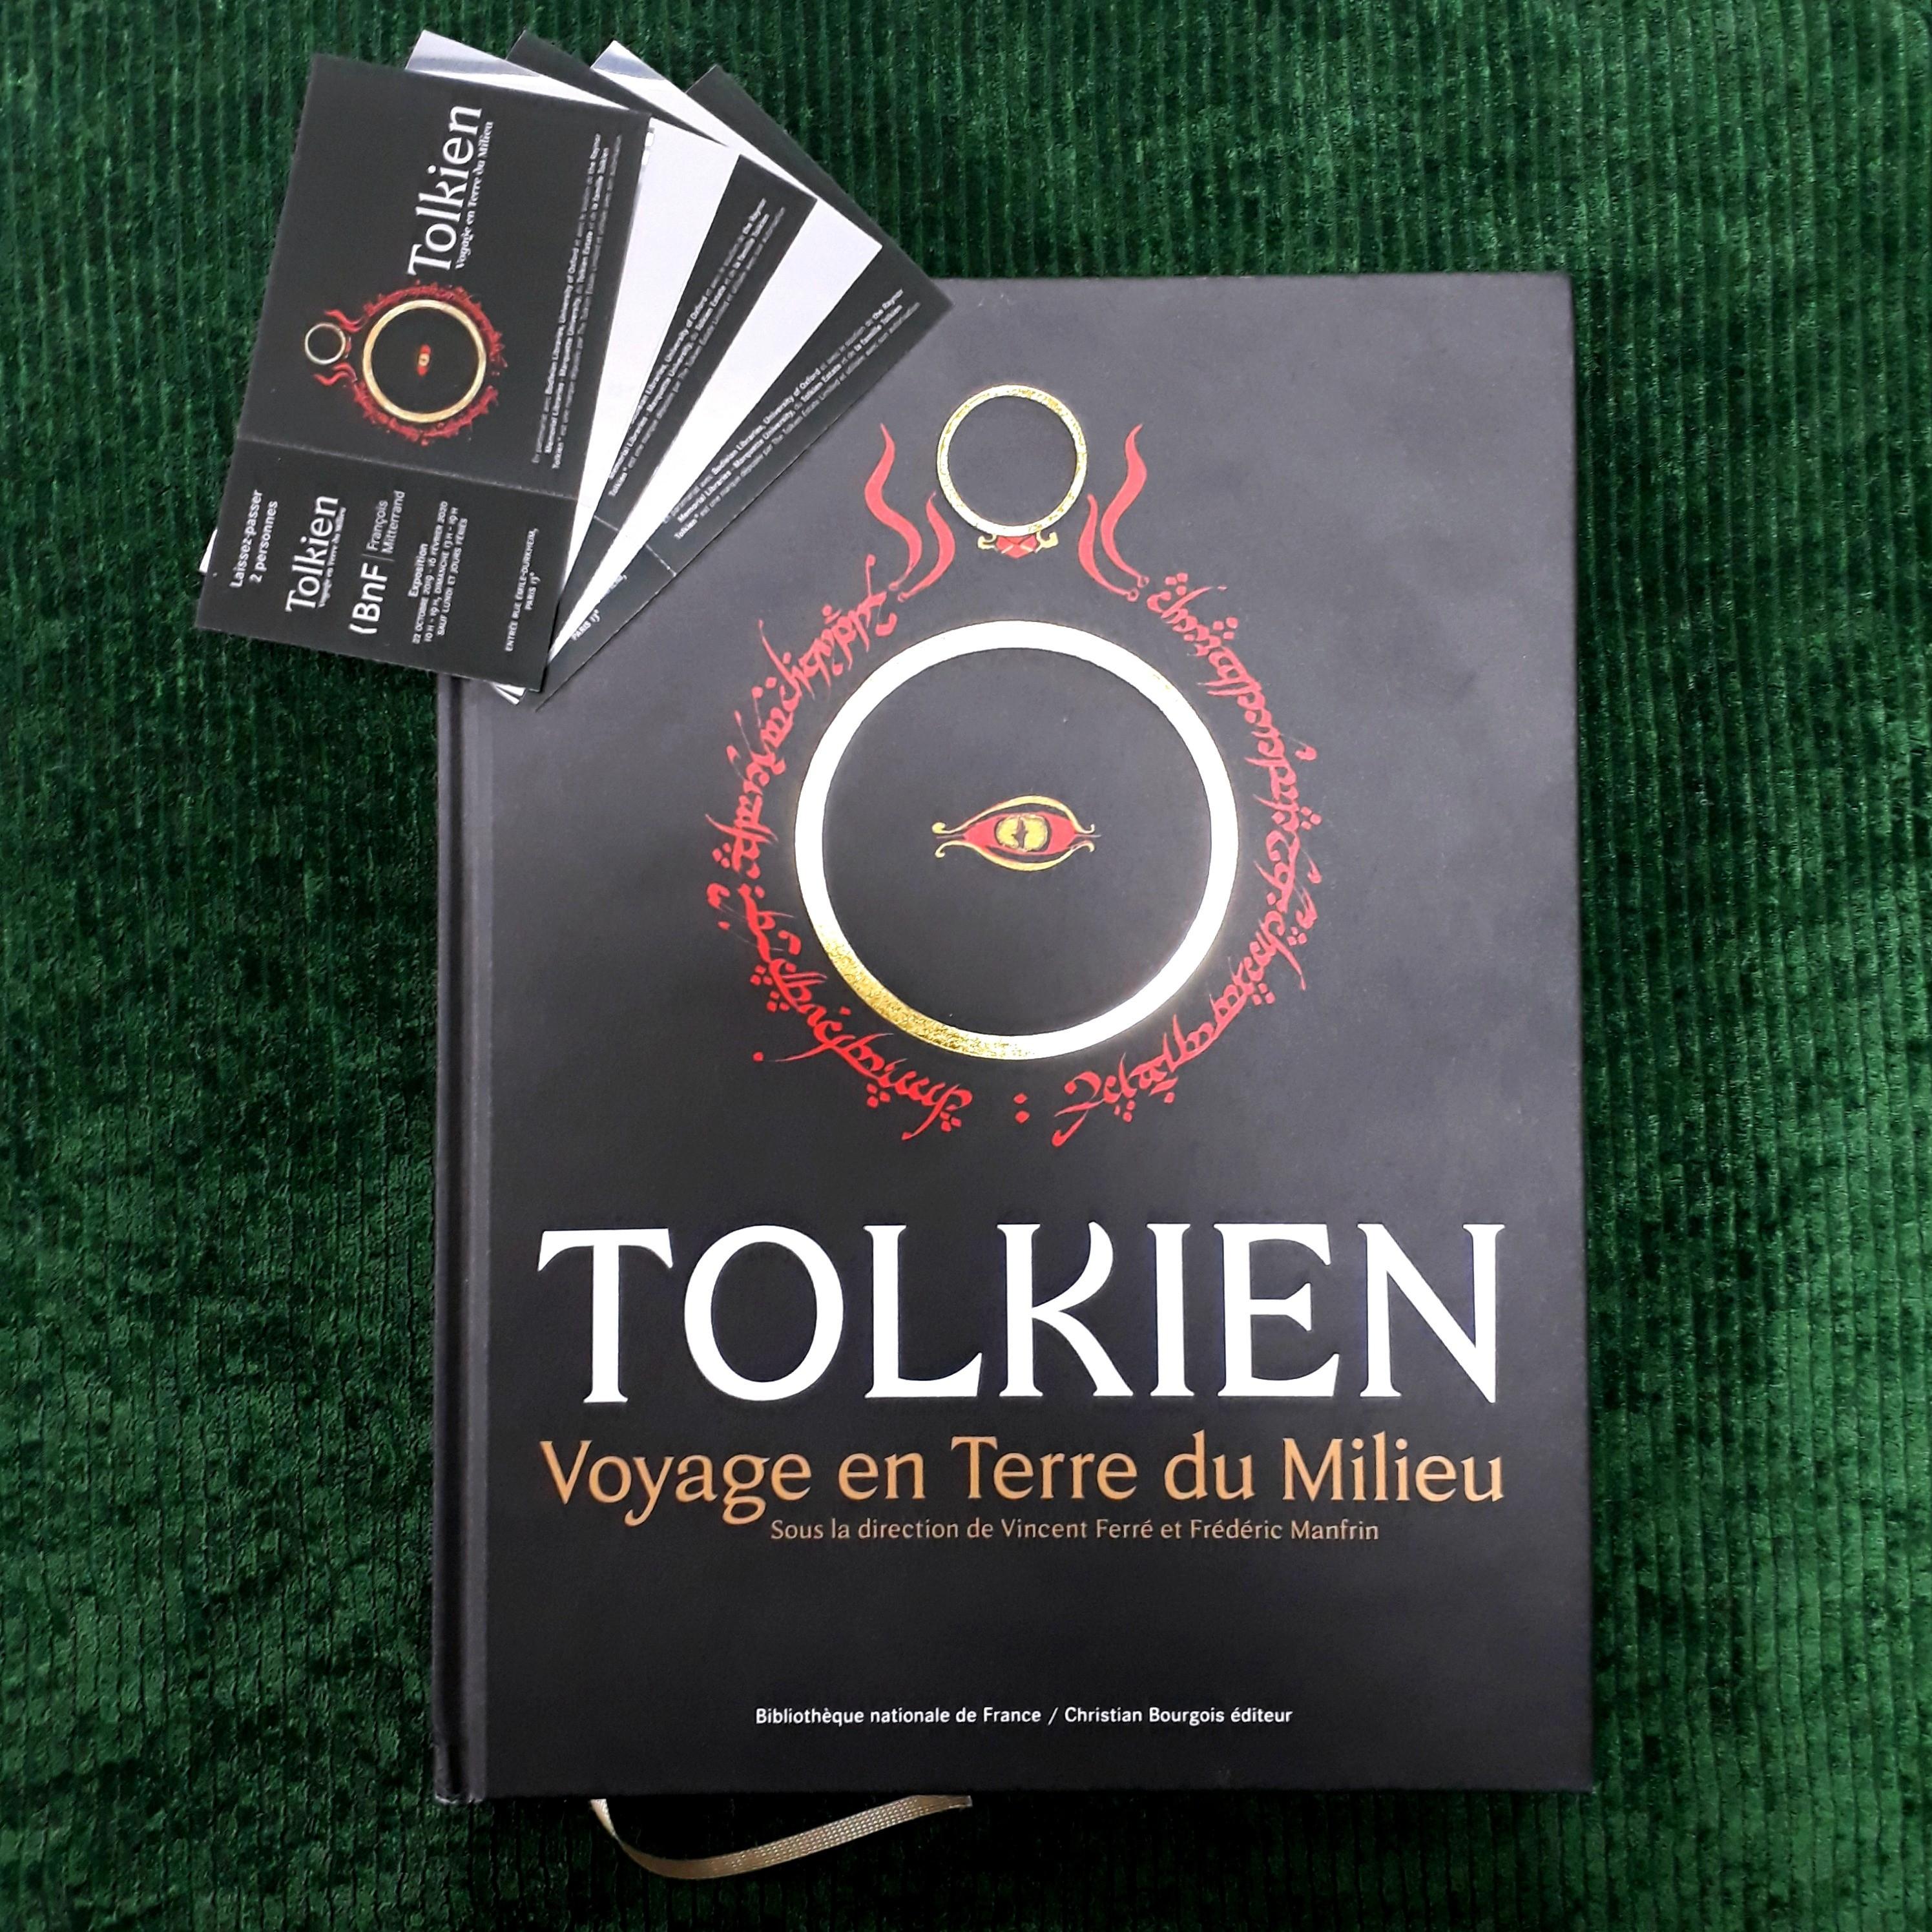 Tolkien à la BNF